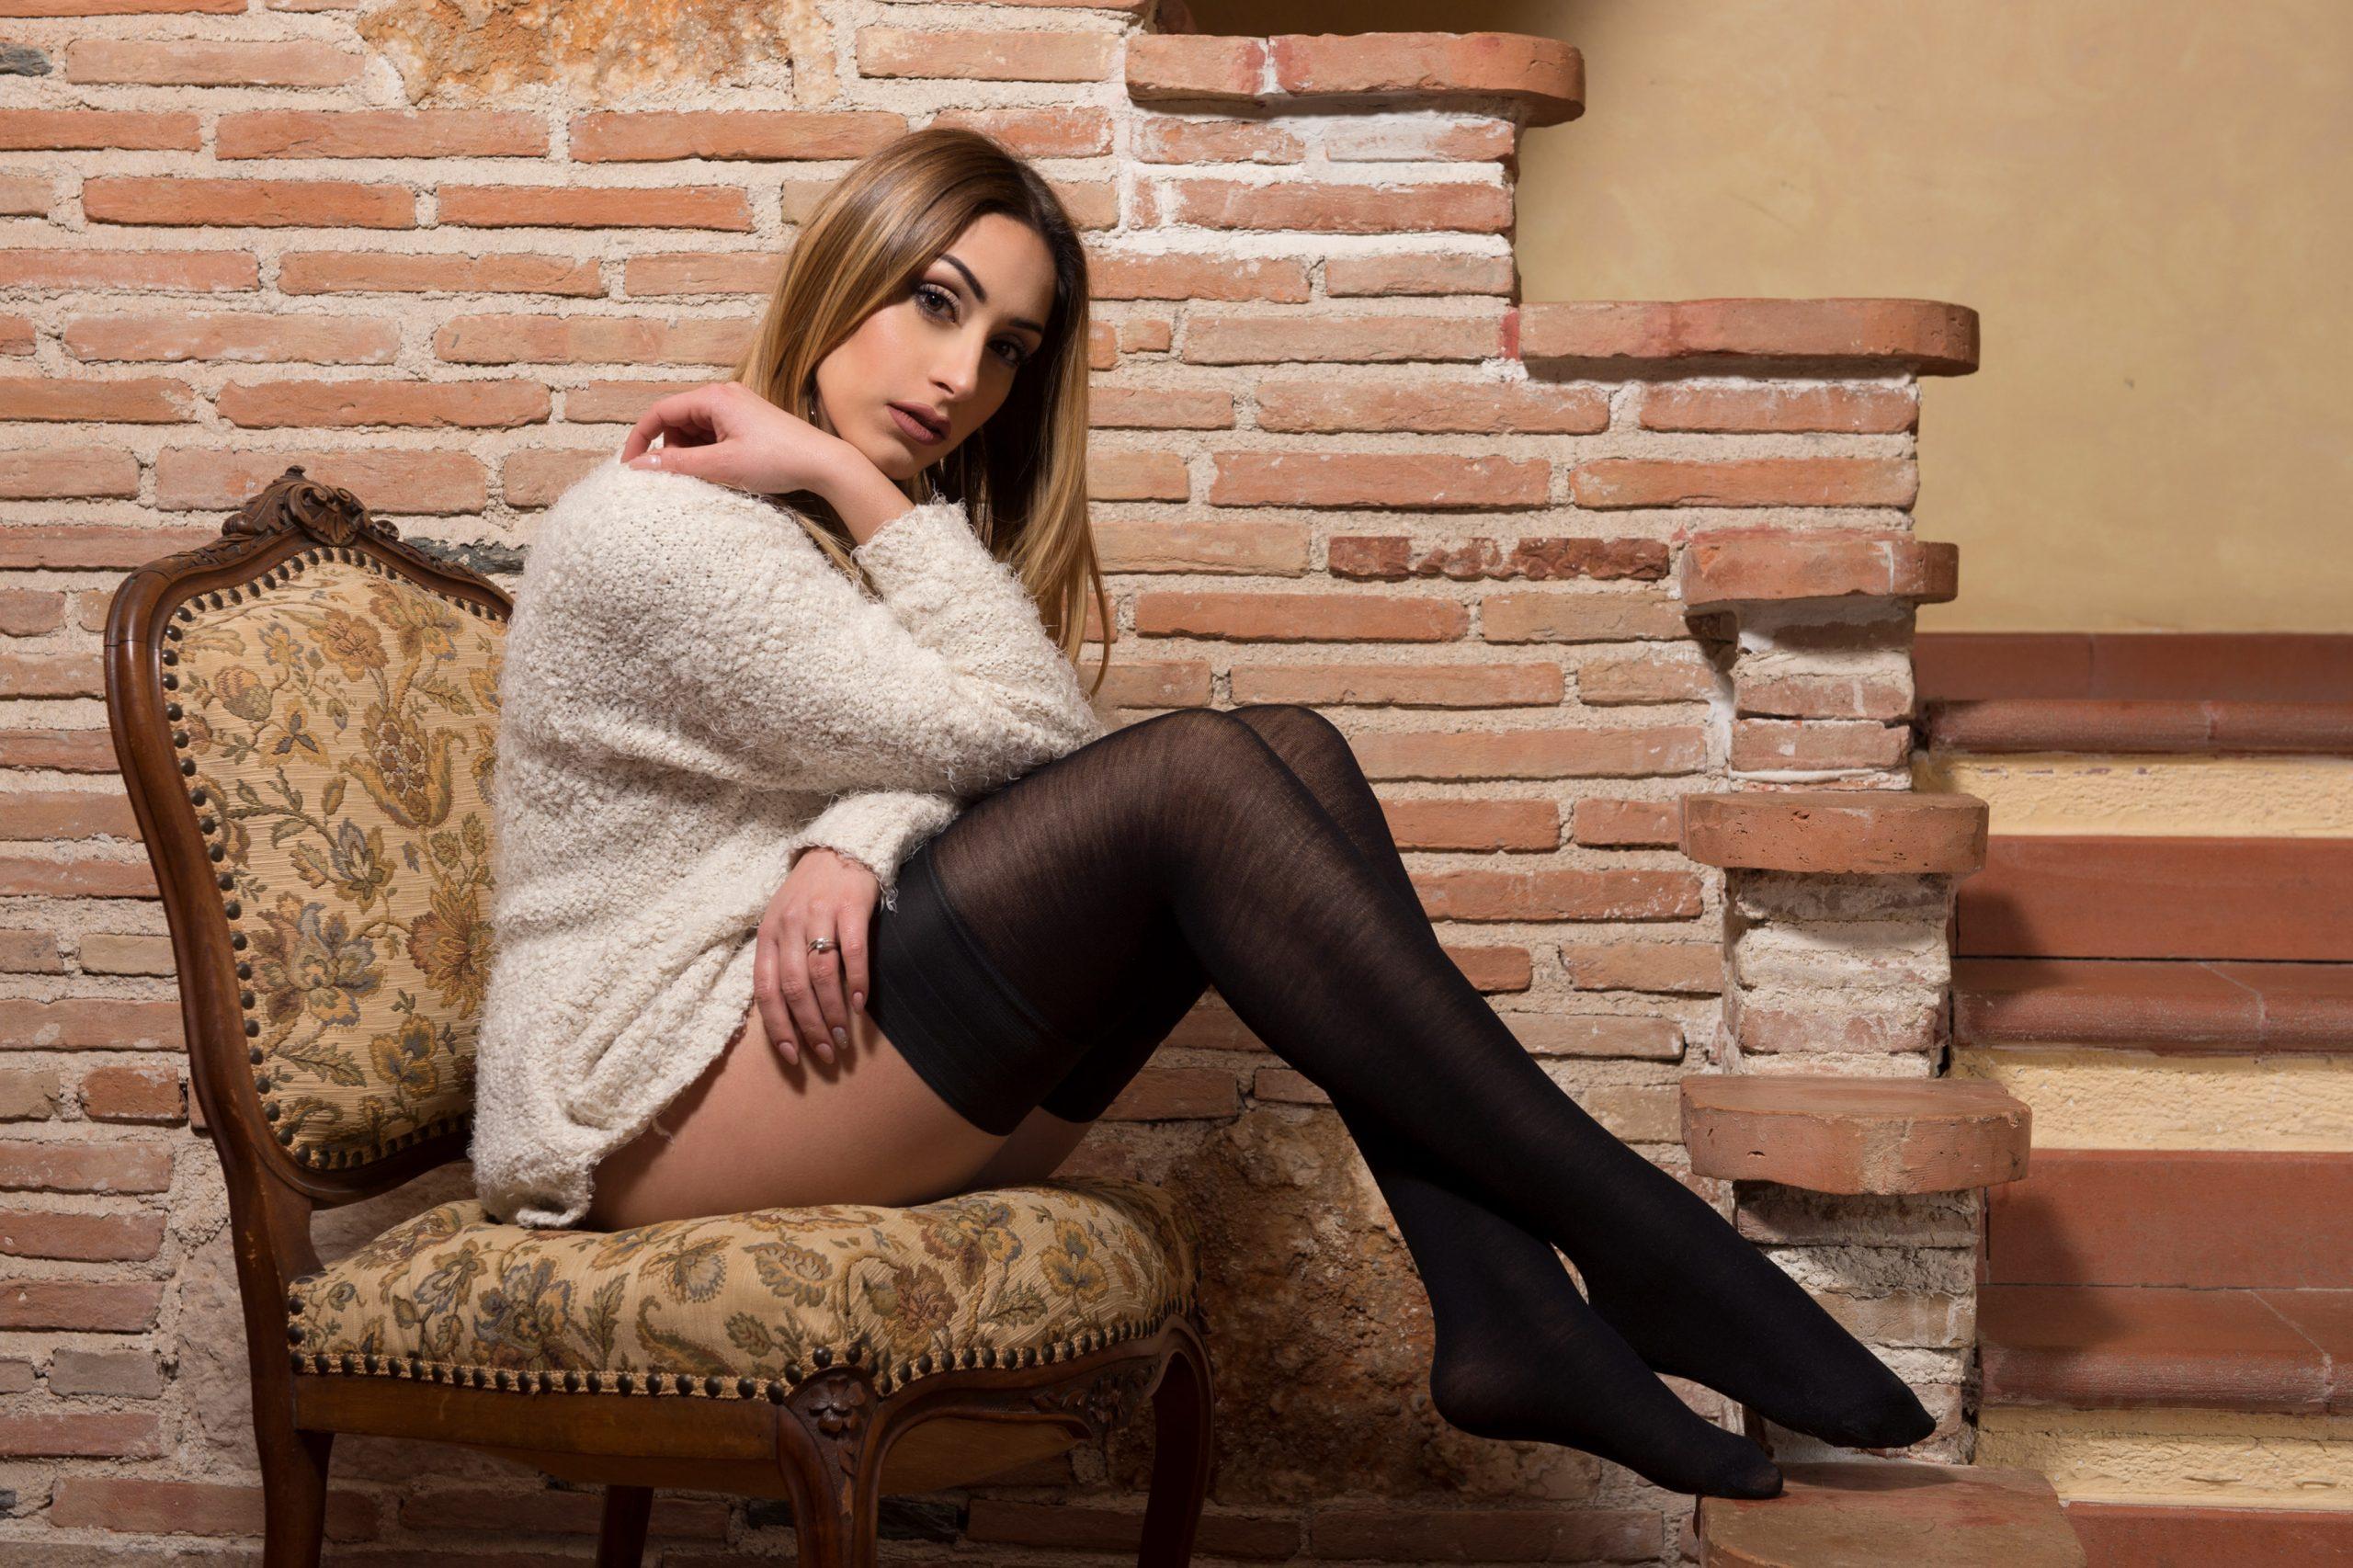 Categorie: Portrait|, |Fashion|, |Glamour - Ph: FRANCO FASCIOLO - Model: VERONICA COMPOGIANI - Location: Tenuta i due laghi